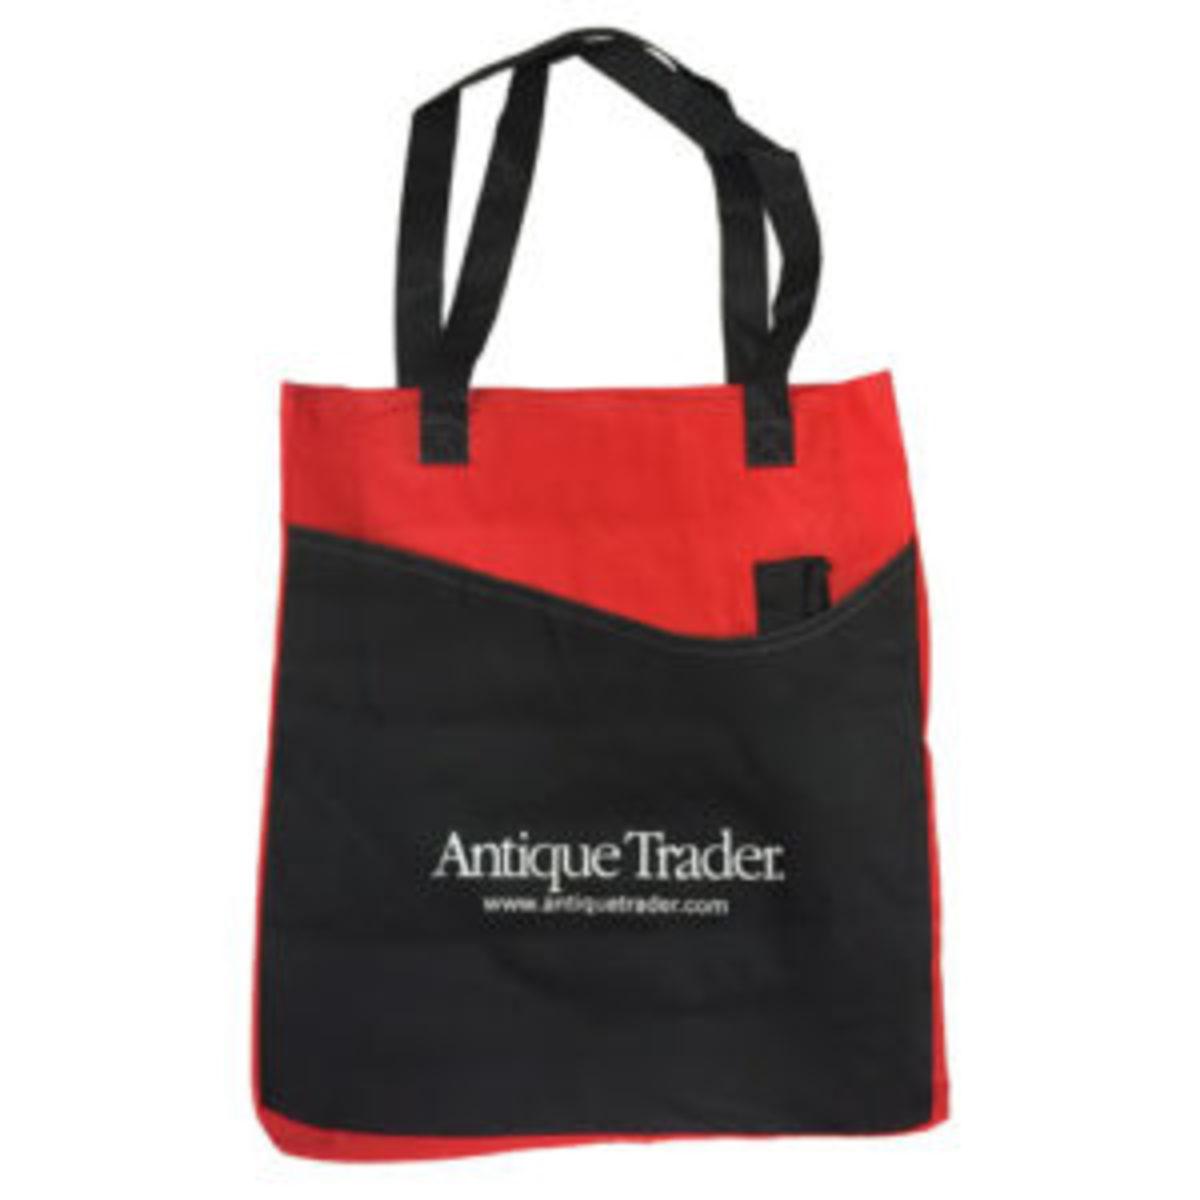 Antique Trader promotional tote bag